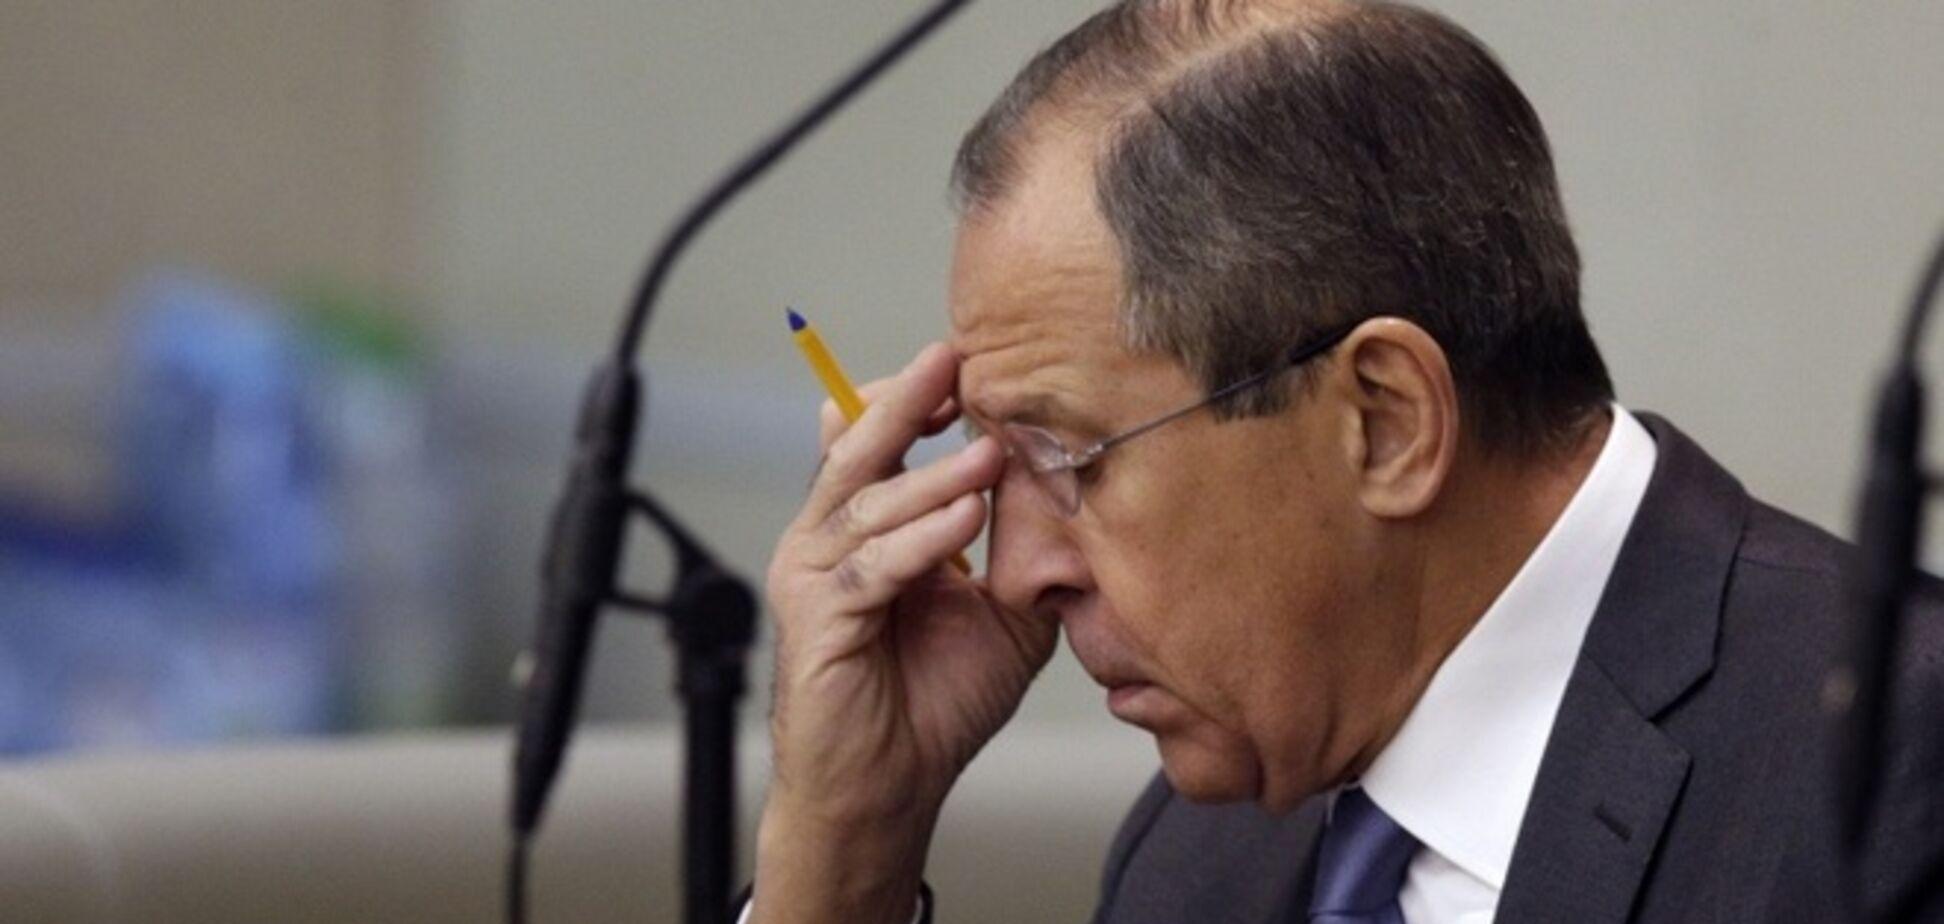 'Миротворец' Лавров в Мюнхене заявил, что Москва за единую Украину, но с одним 'но'